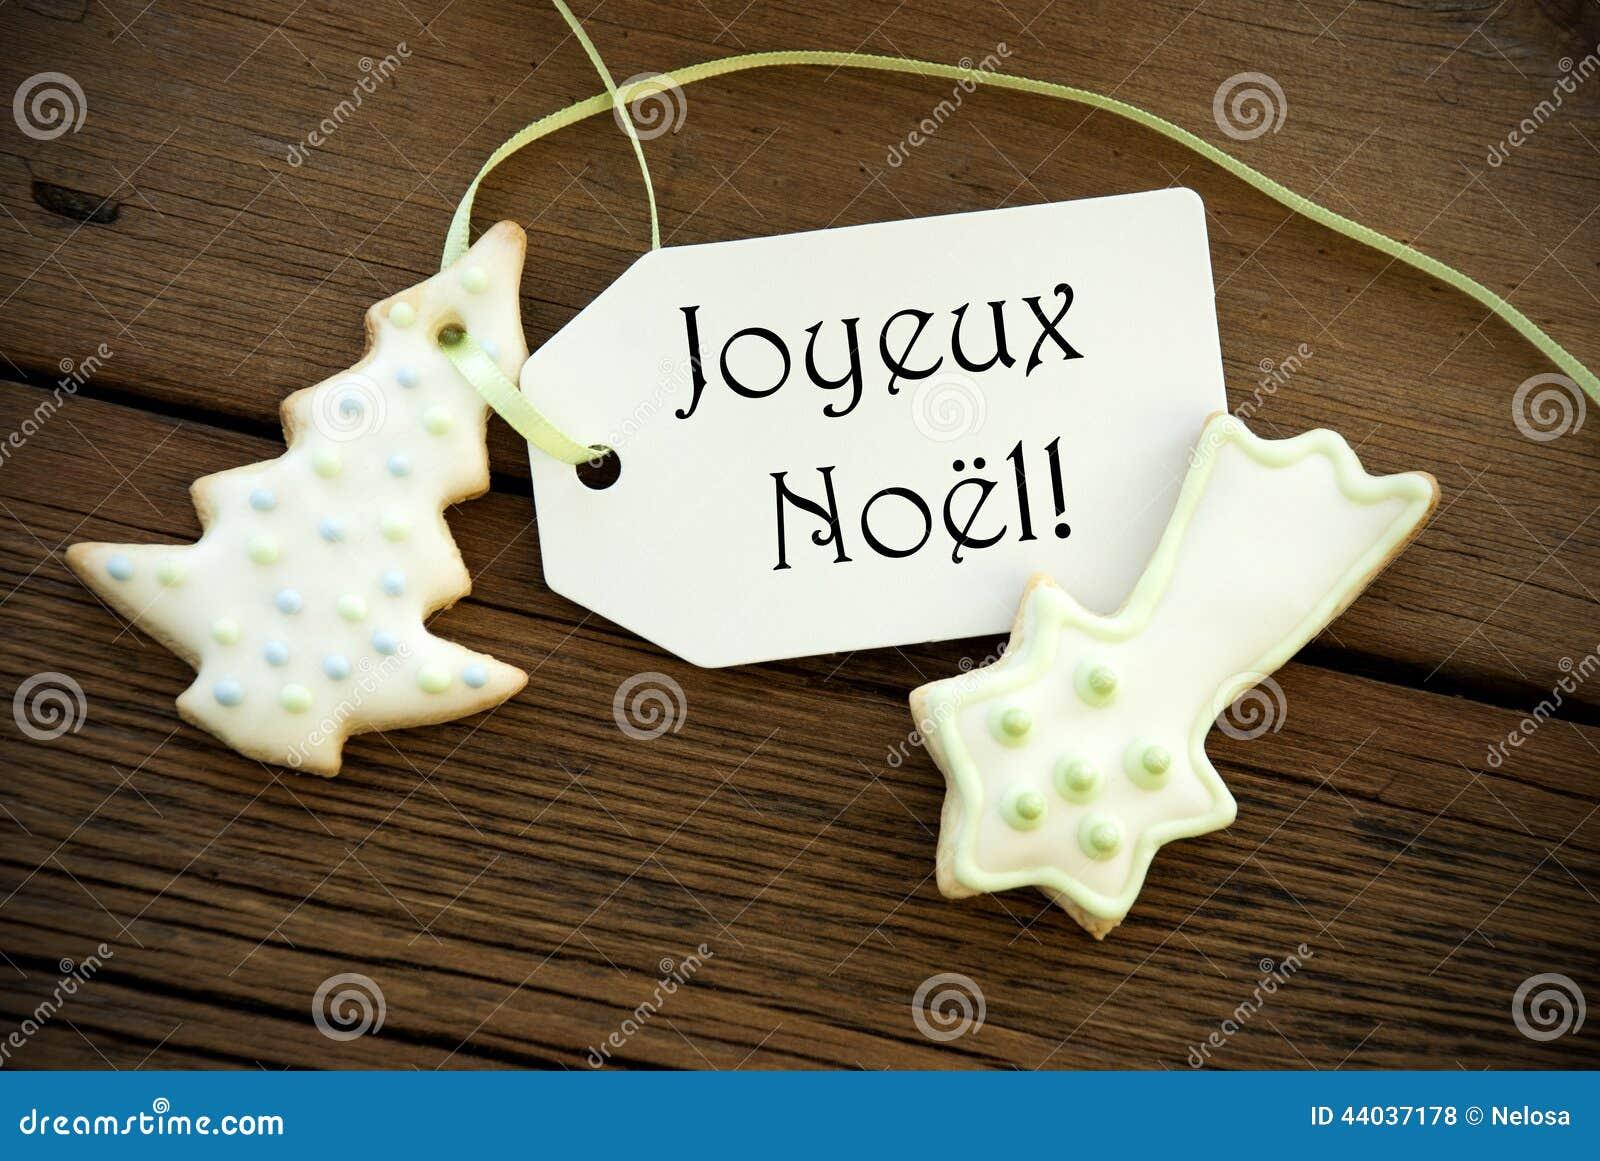 Weihnachtsgrüße In Französisch.Französische Weihnachtsgrüße Stockfoto Bild Von Nahrung Feier